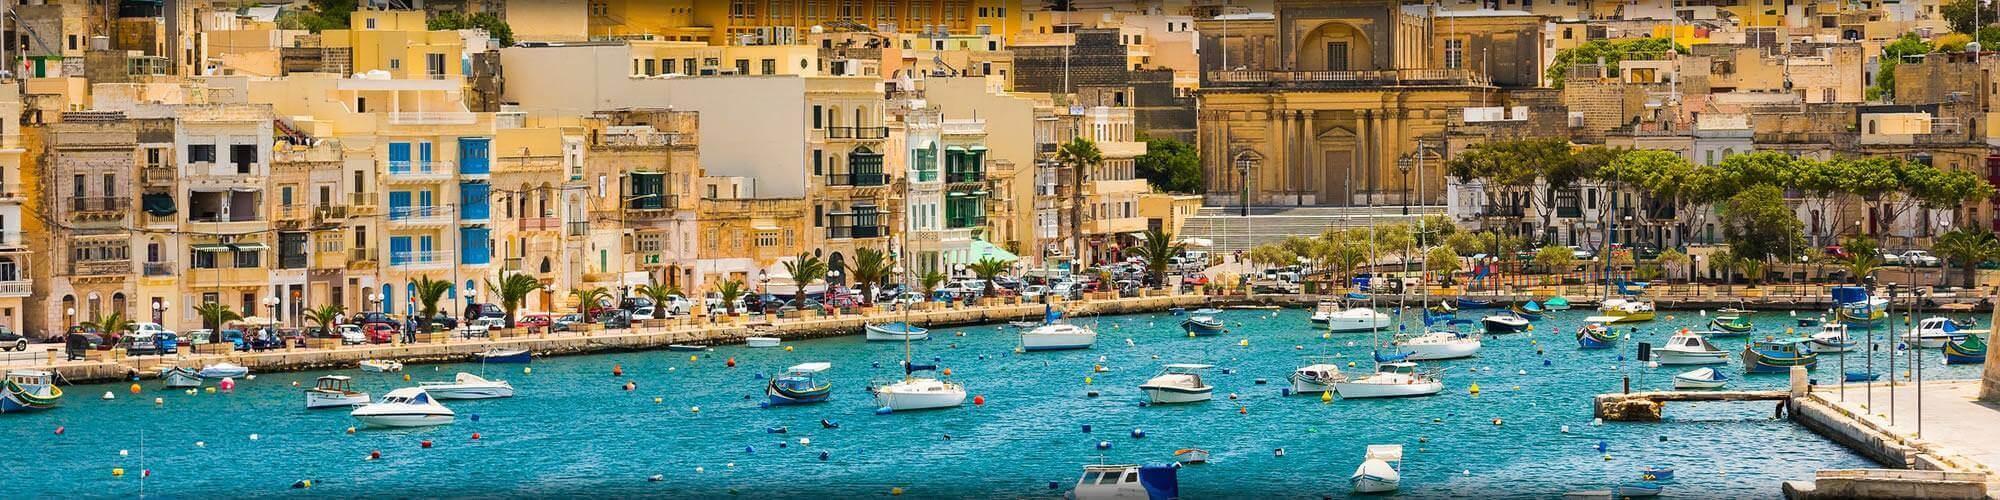 Malta Citizenship Program